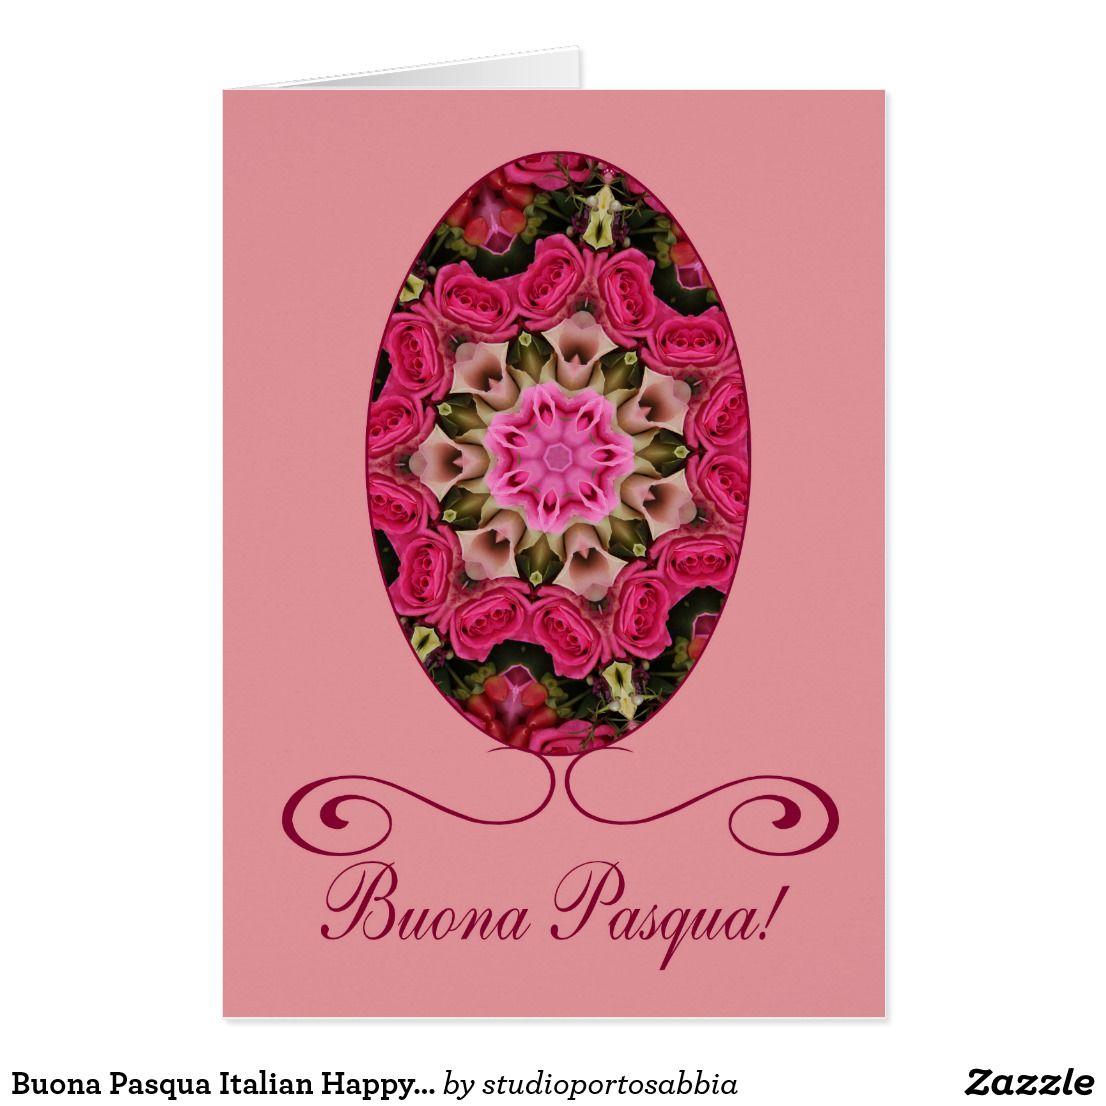 Buona Pasqua Italian Happy Easter Card Stuff Sold On Zazzle